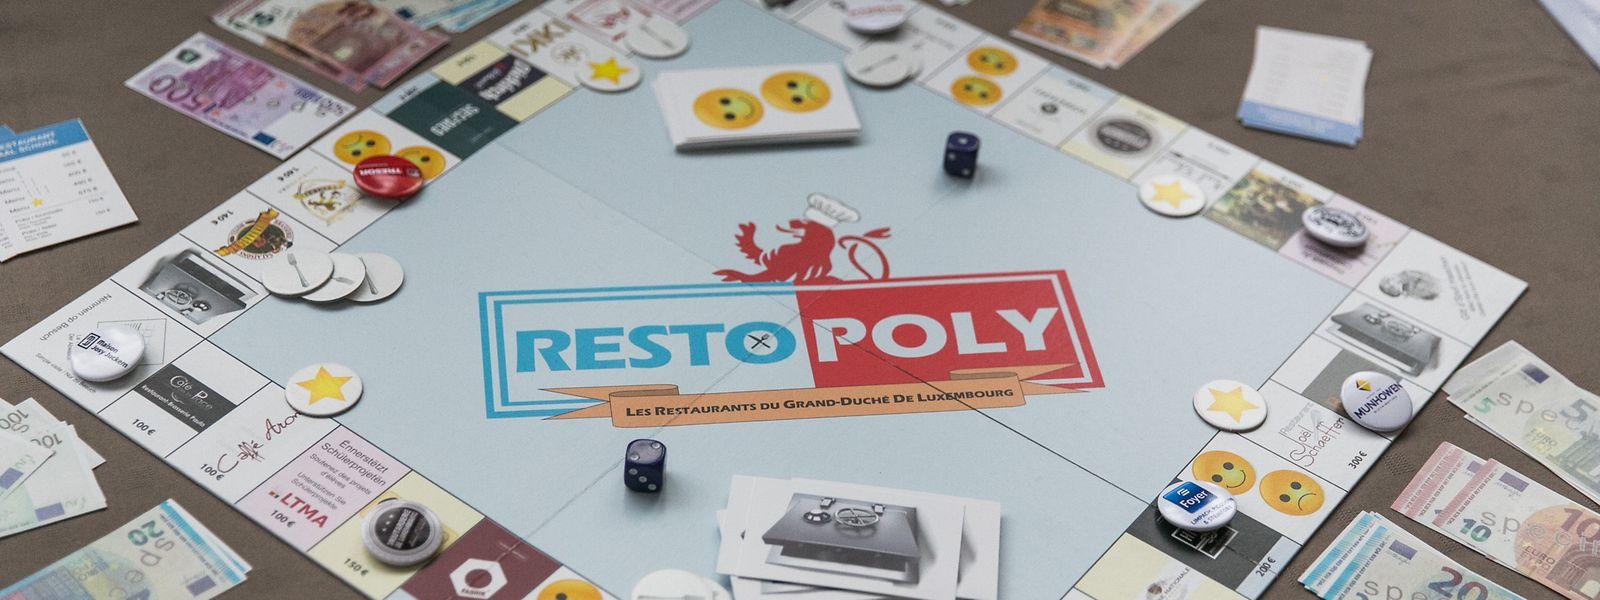 """Es geht nicht ins Gefängnis, sondern in die Küche, um Geschirr zu spülen: """"Restopoly"""" beruht auf dem Prinzip von Monopoly."""